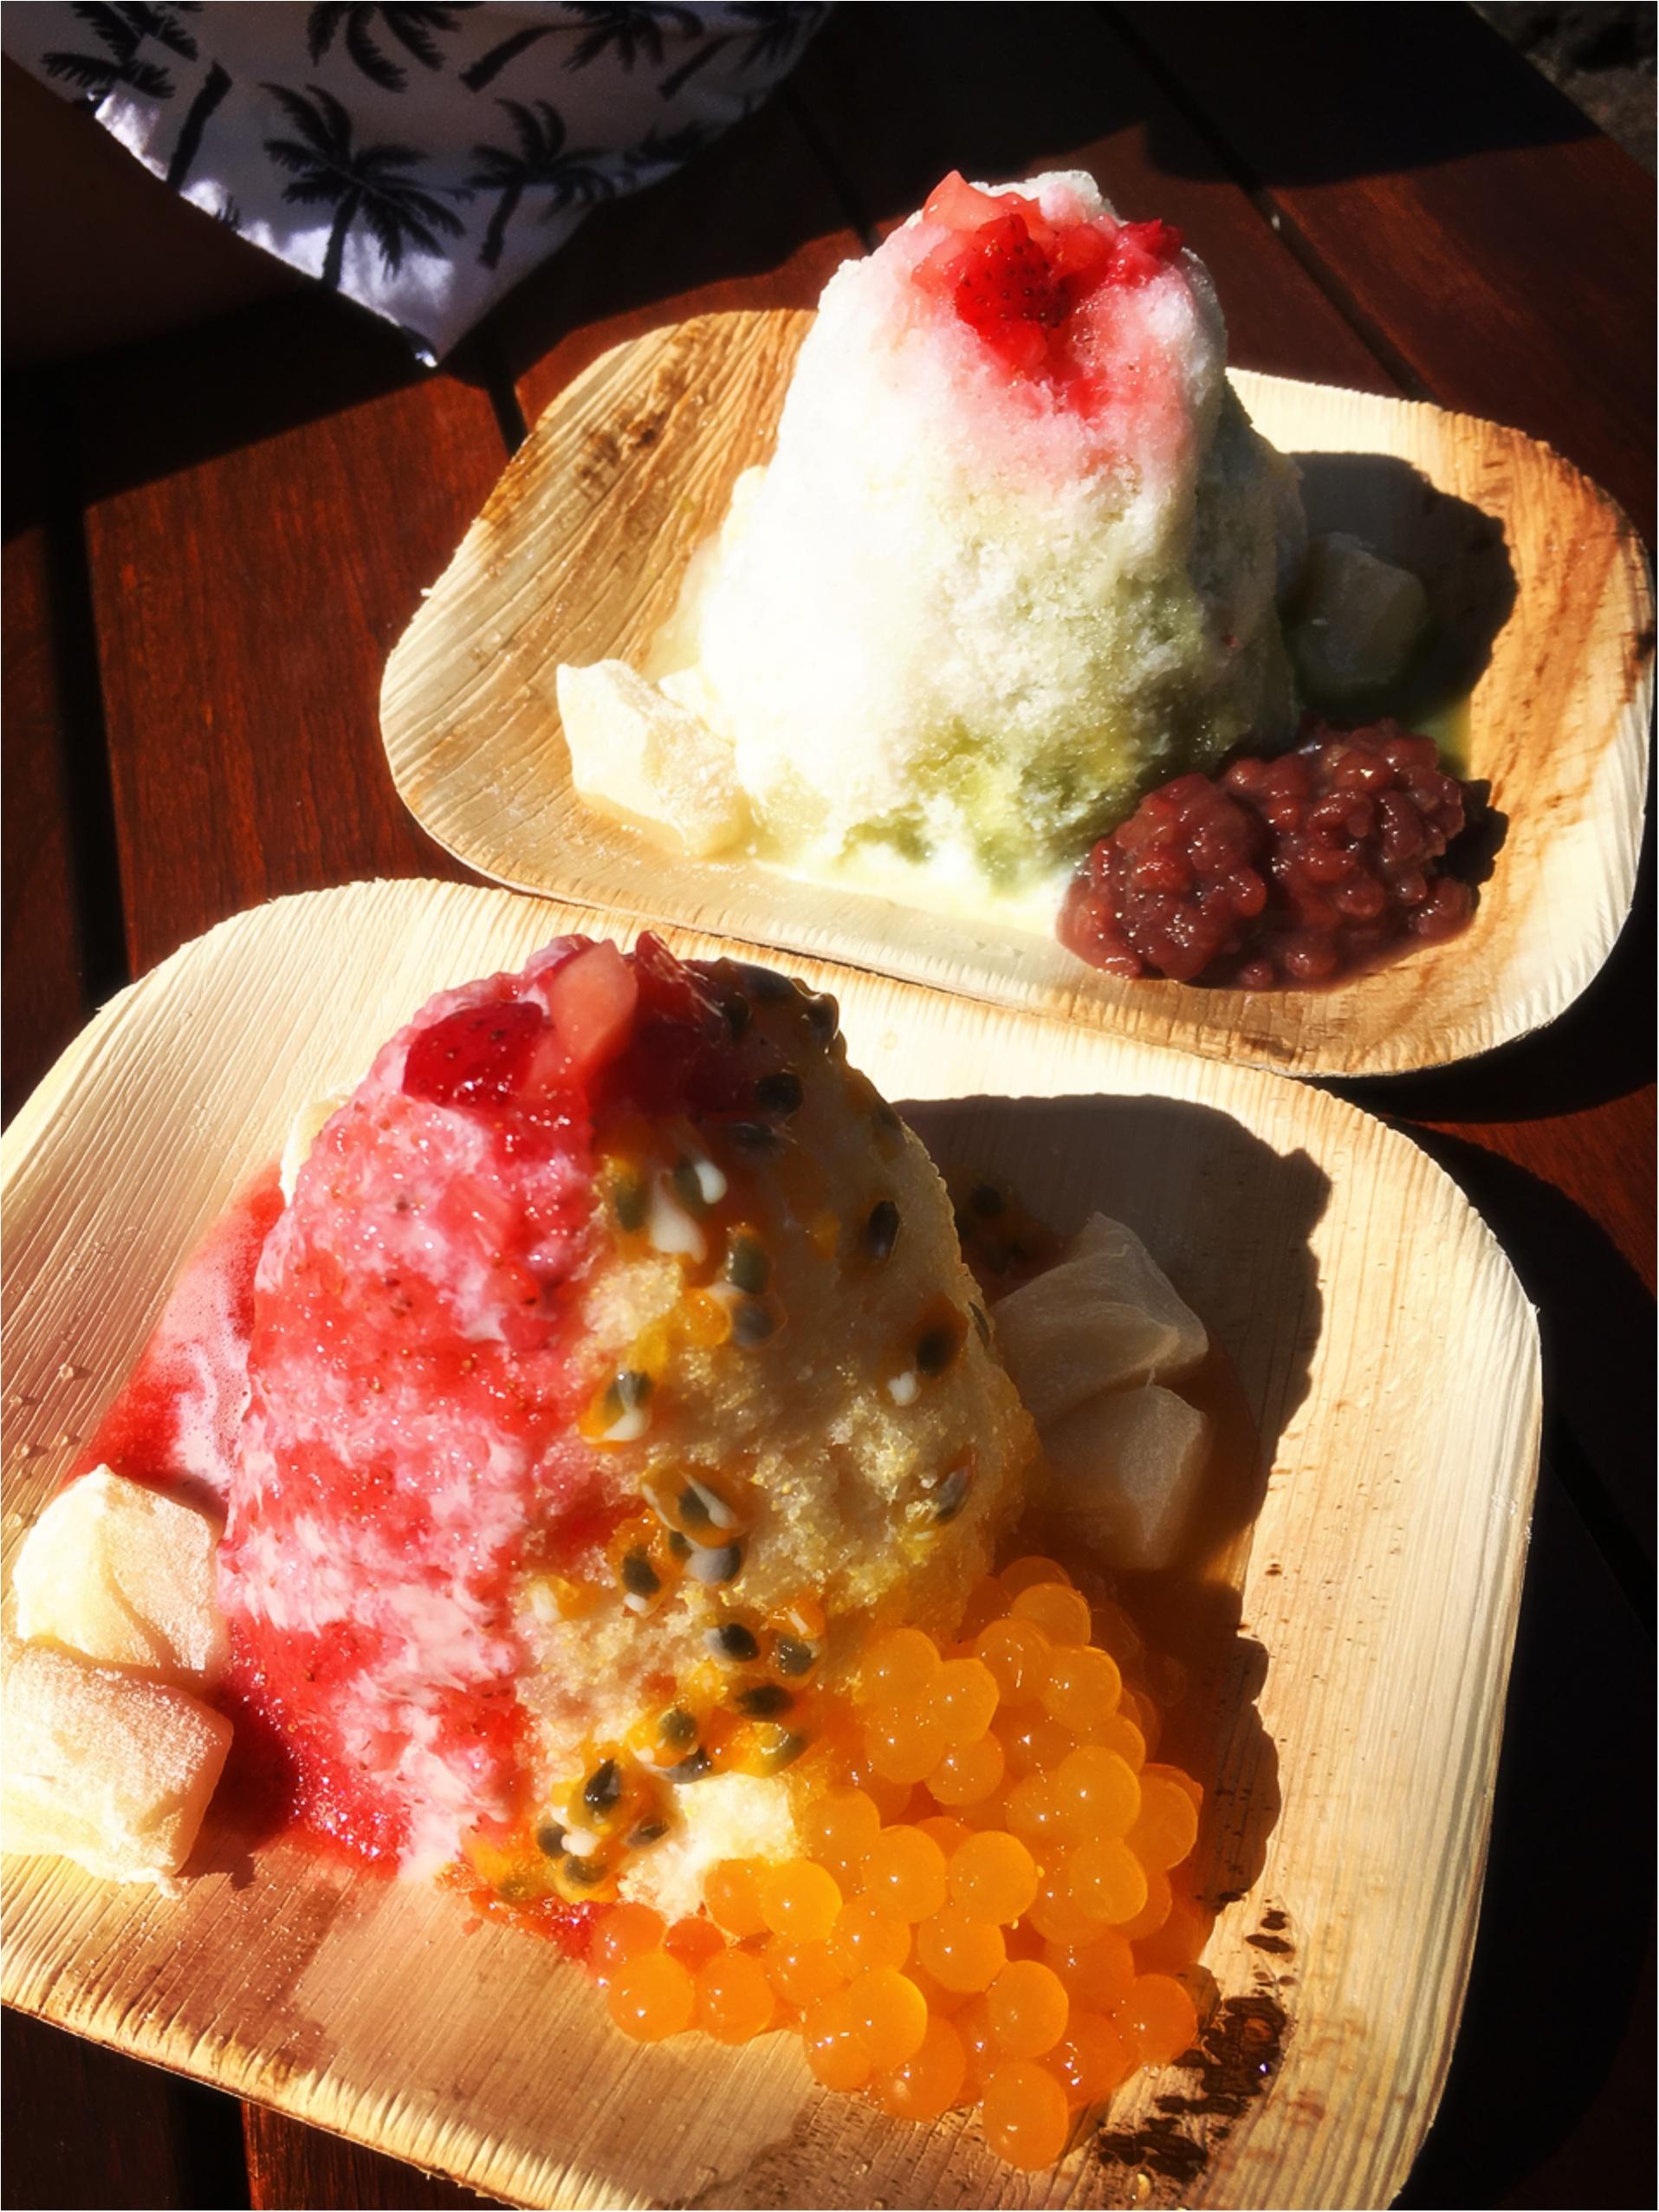 【ハワイ旅②】ハワイへ行ったら絶対食べたいスイーツ編!最新のデザートまでご紹介します♡_5